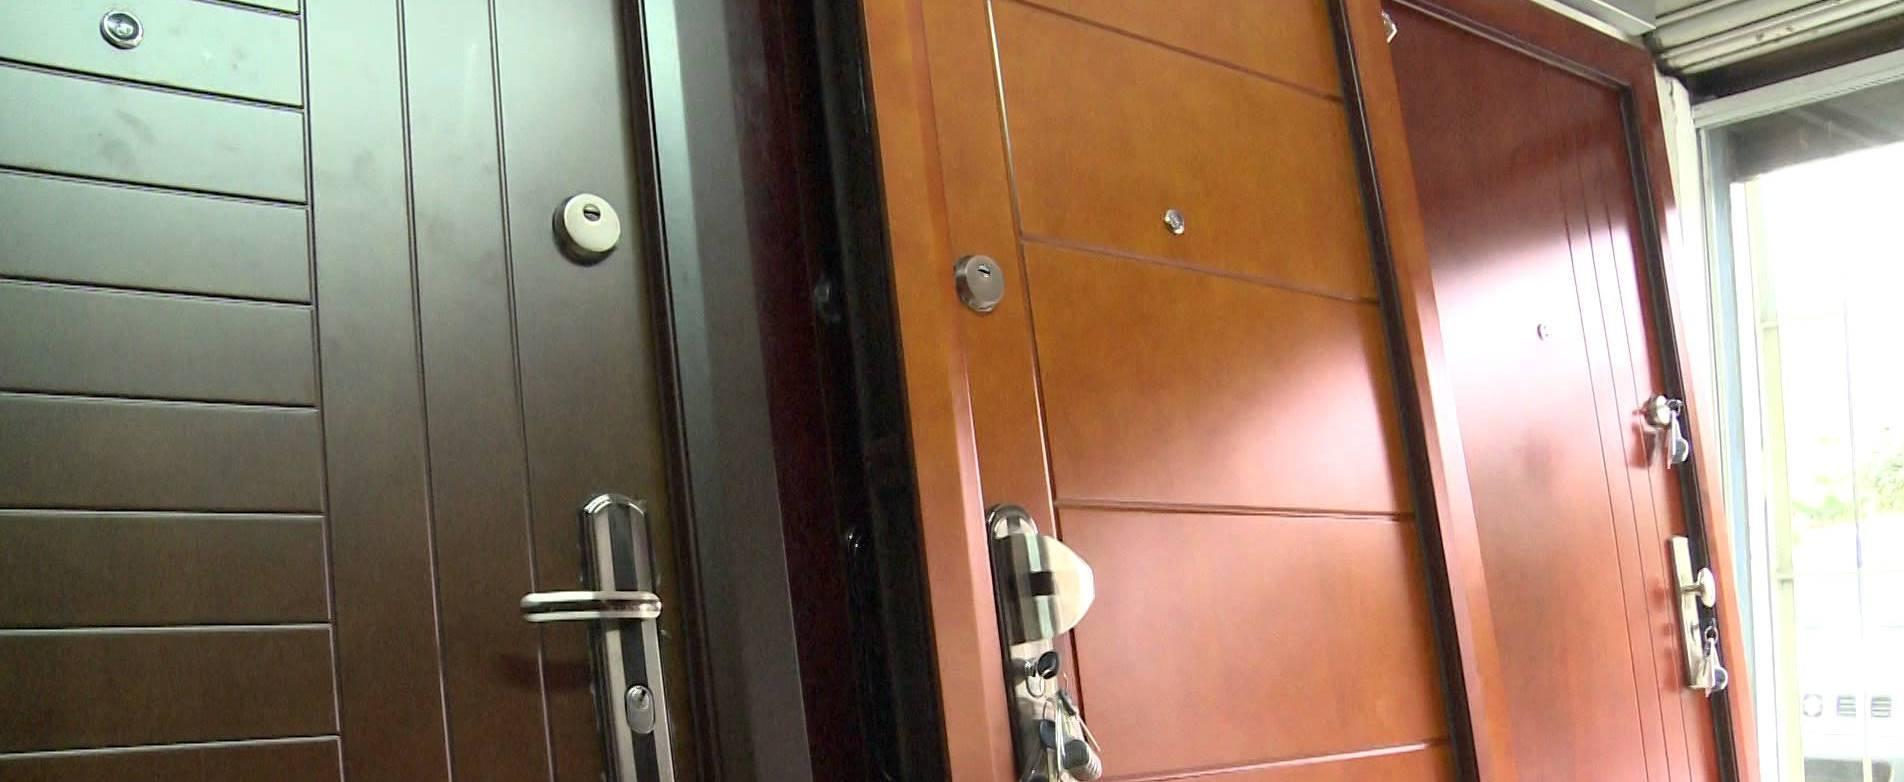 puerta antookupa - Instalacion Puerta Antiokupa Puerta Antiocupa Precio Puertas de Seguridad